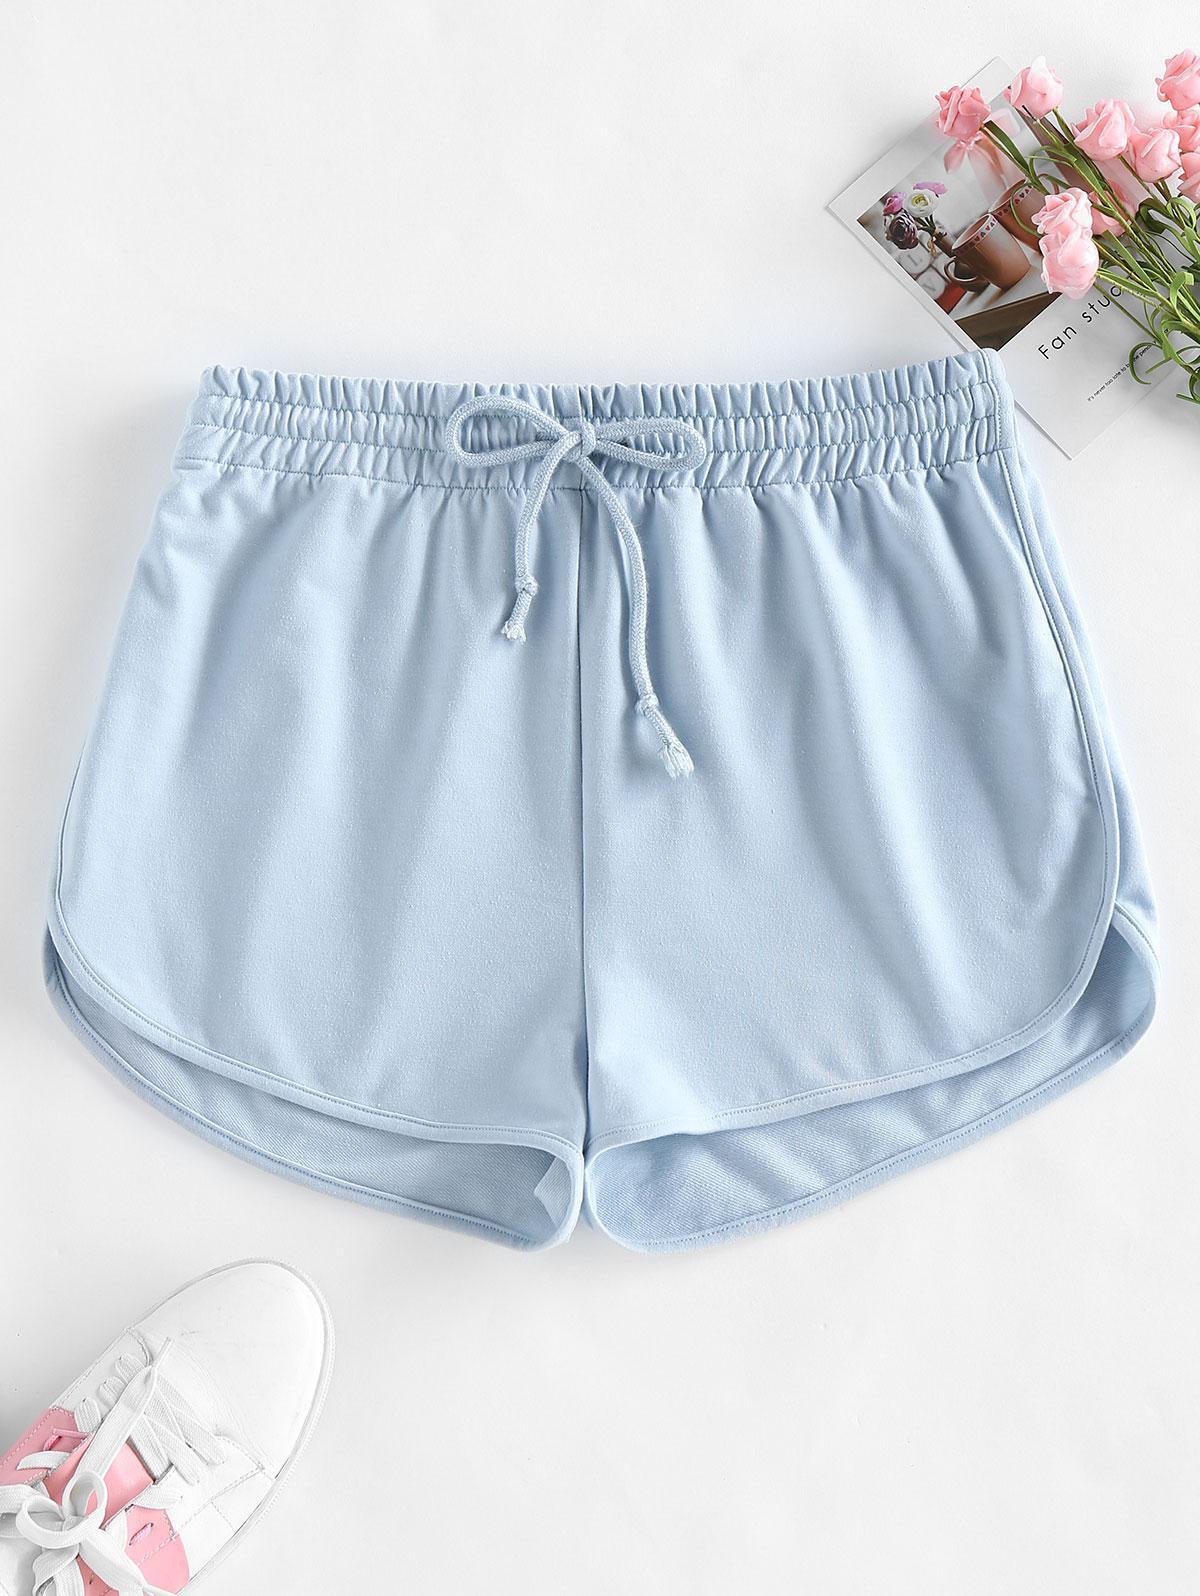 ZAFUL Drawstring Sweat Shorts